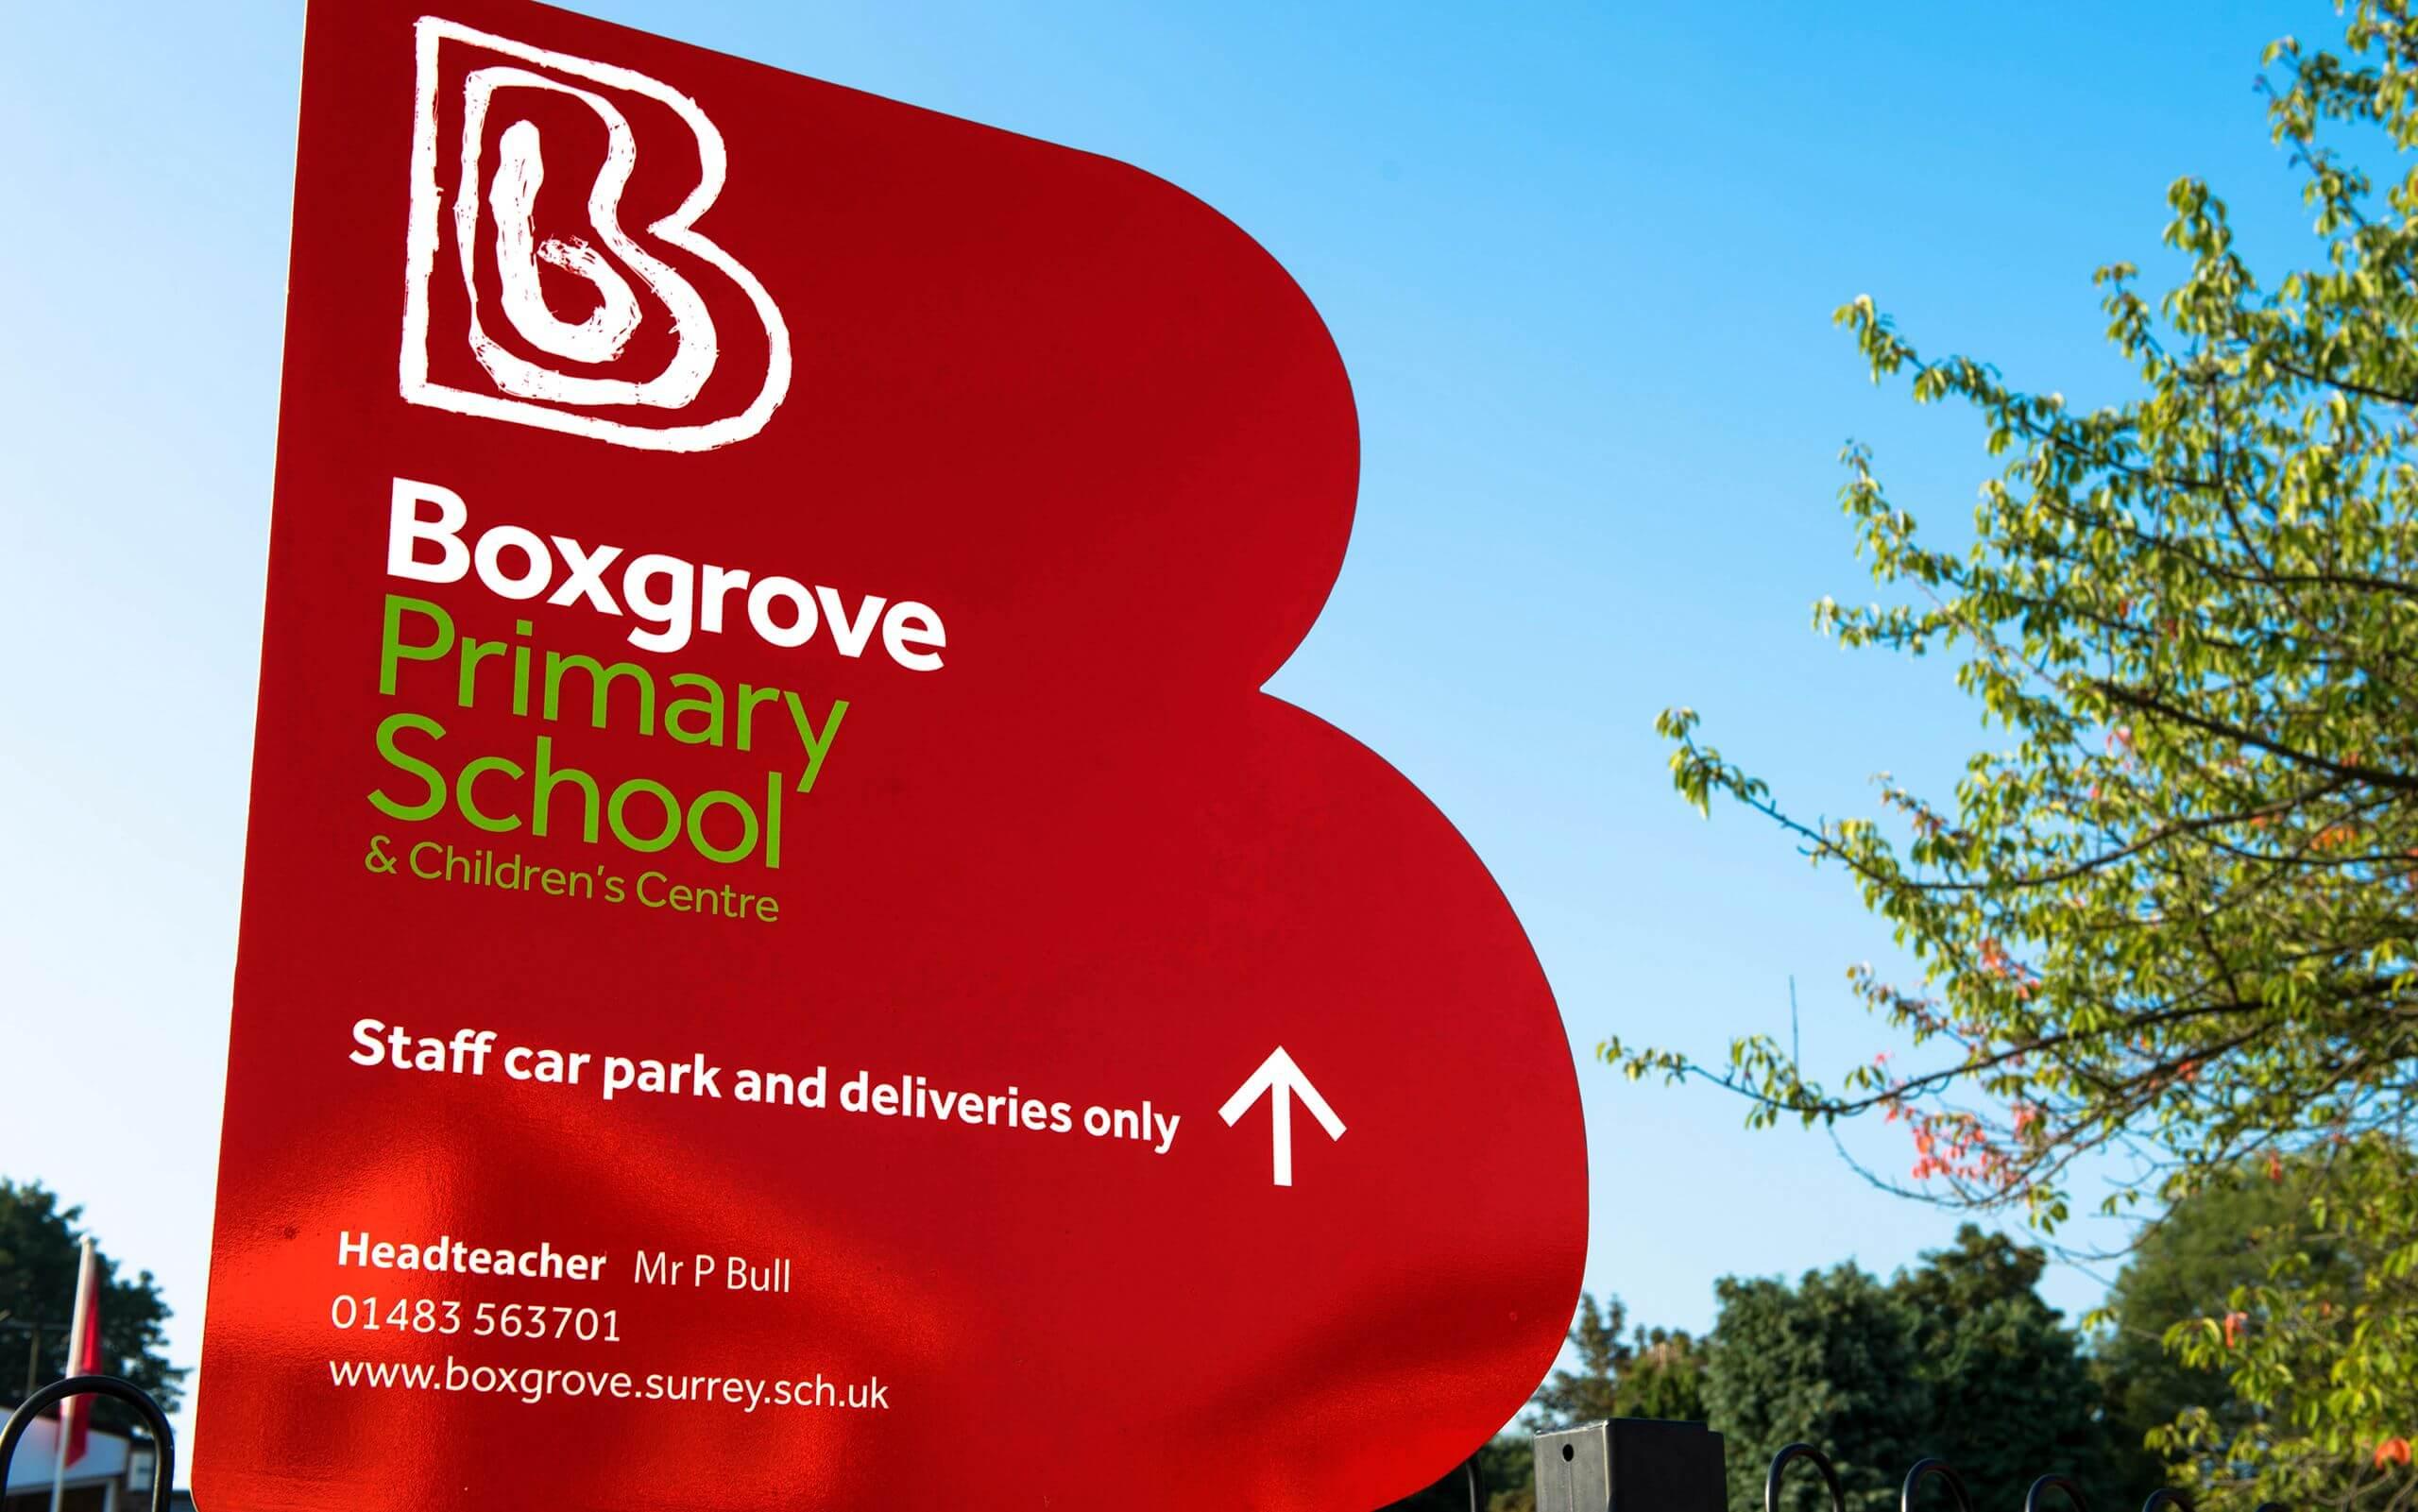 Boxgrove Primary School Guildford signage